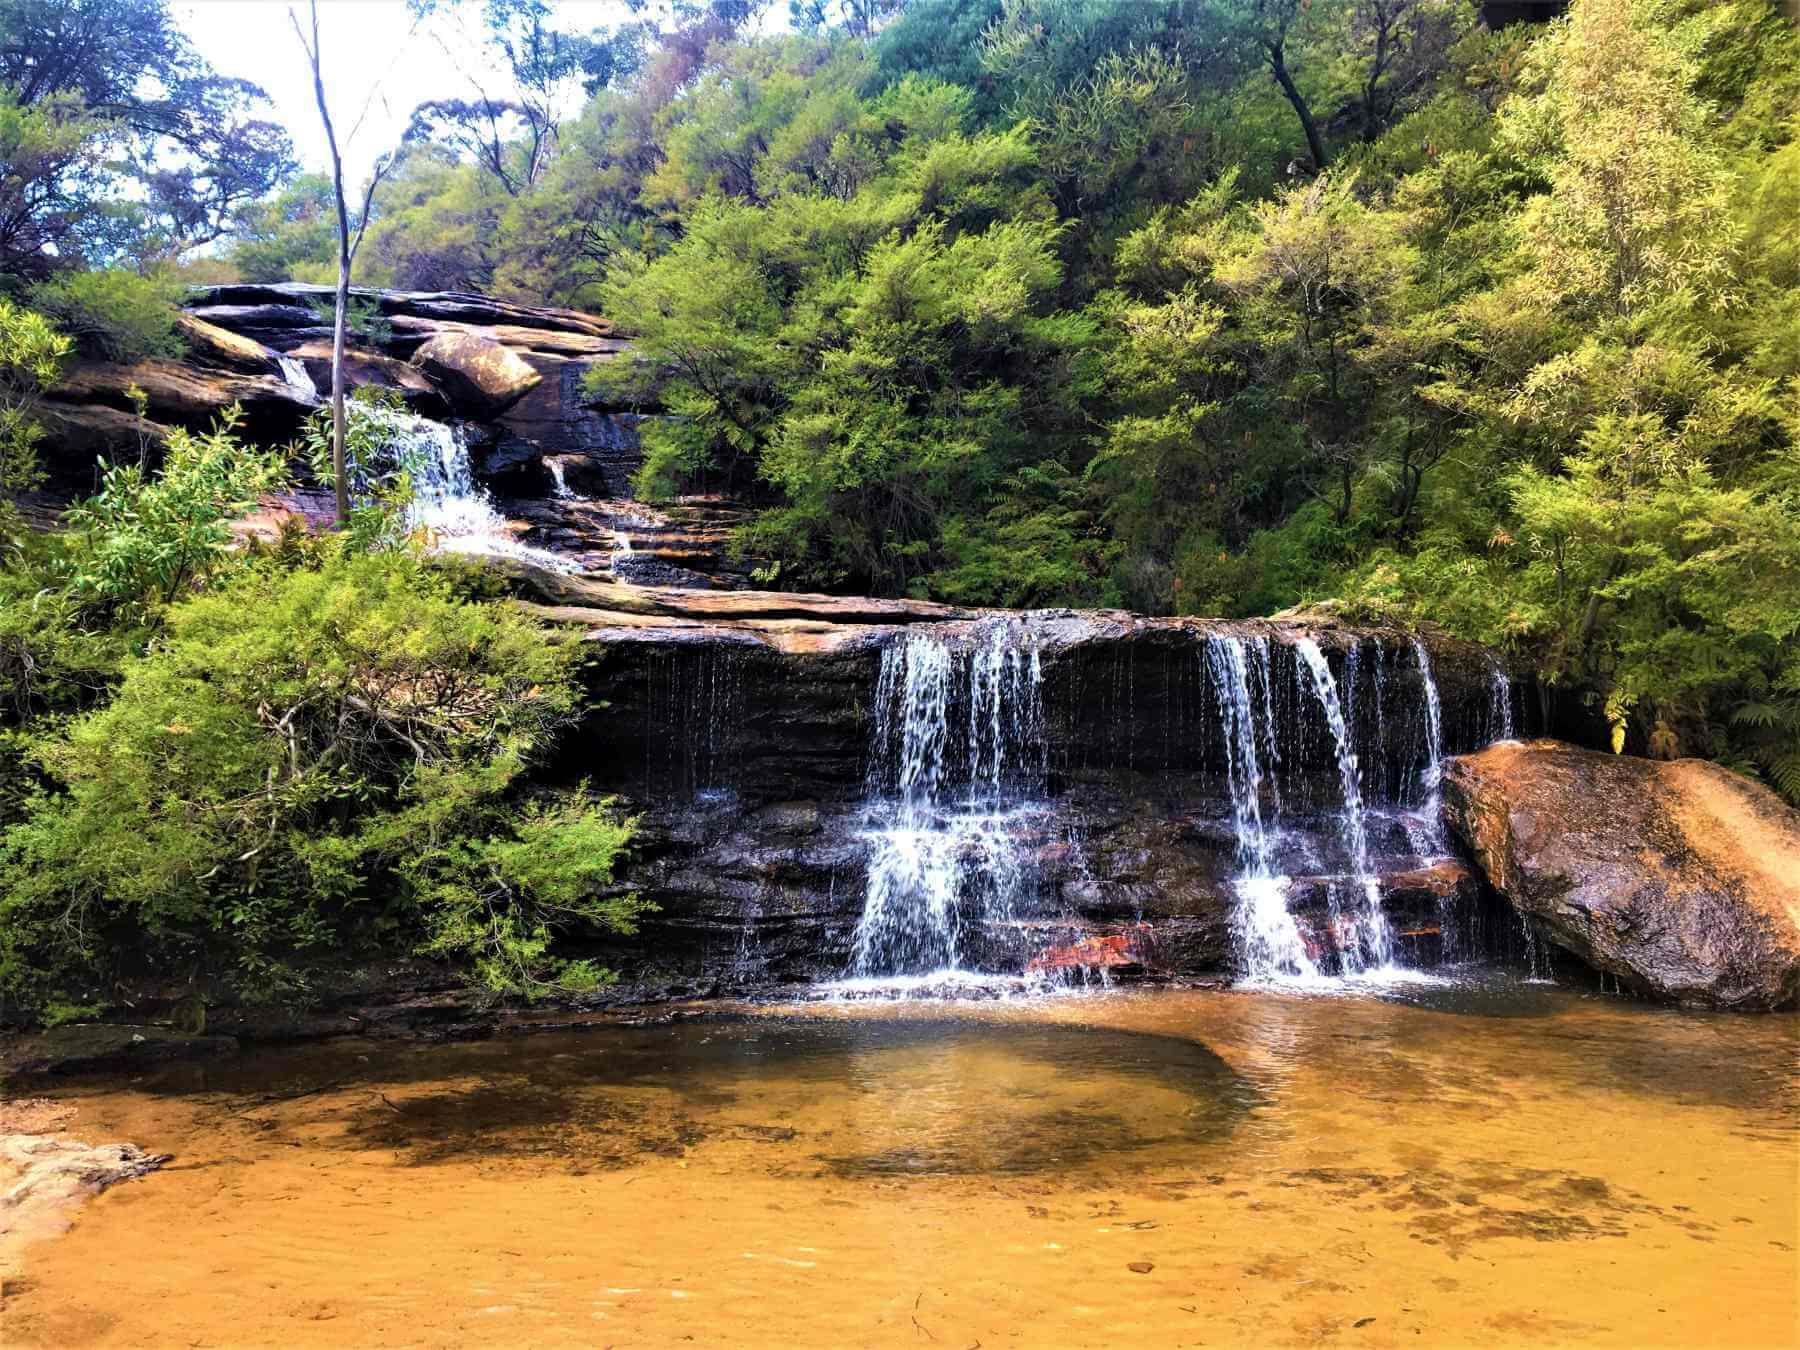 Wasserfall im Blue Mountains National Park